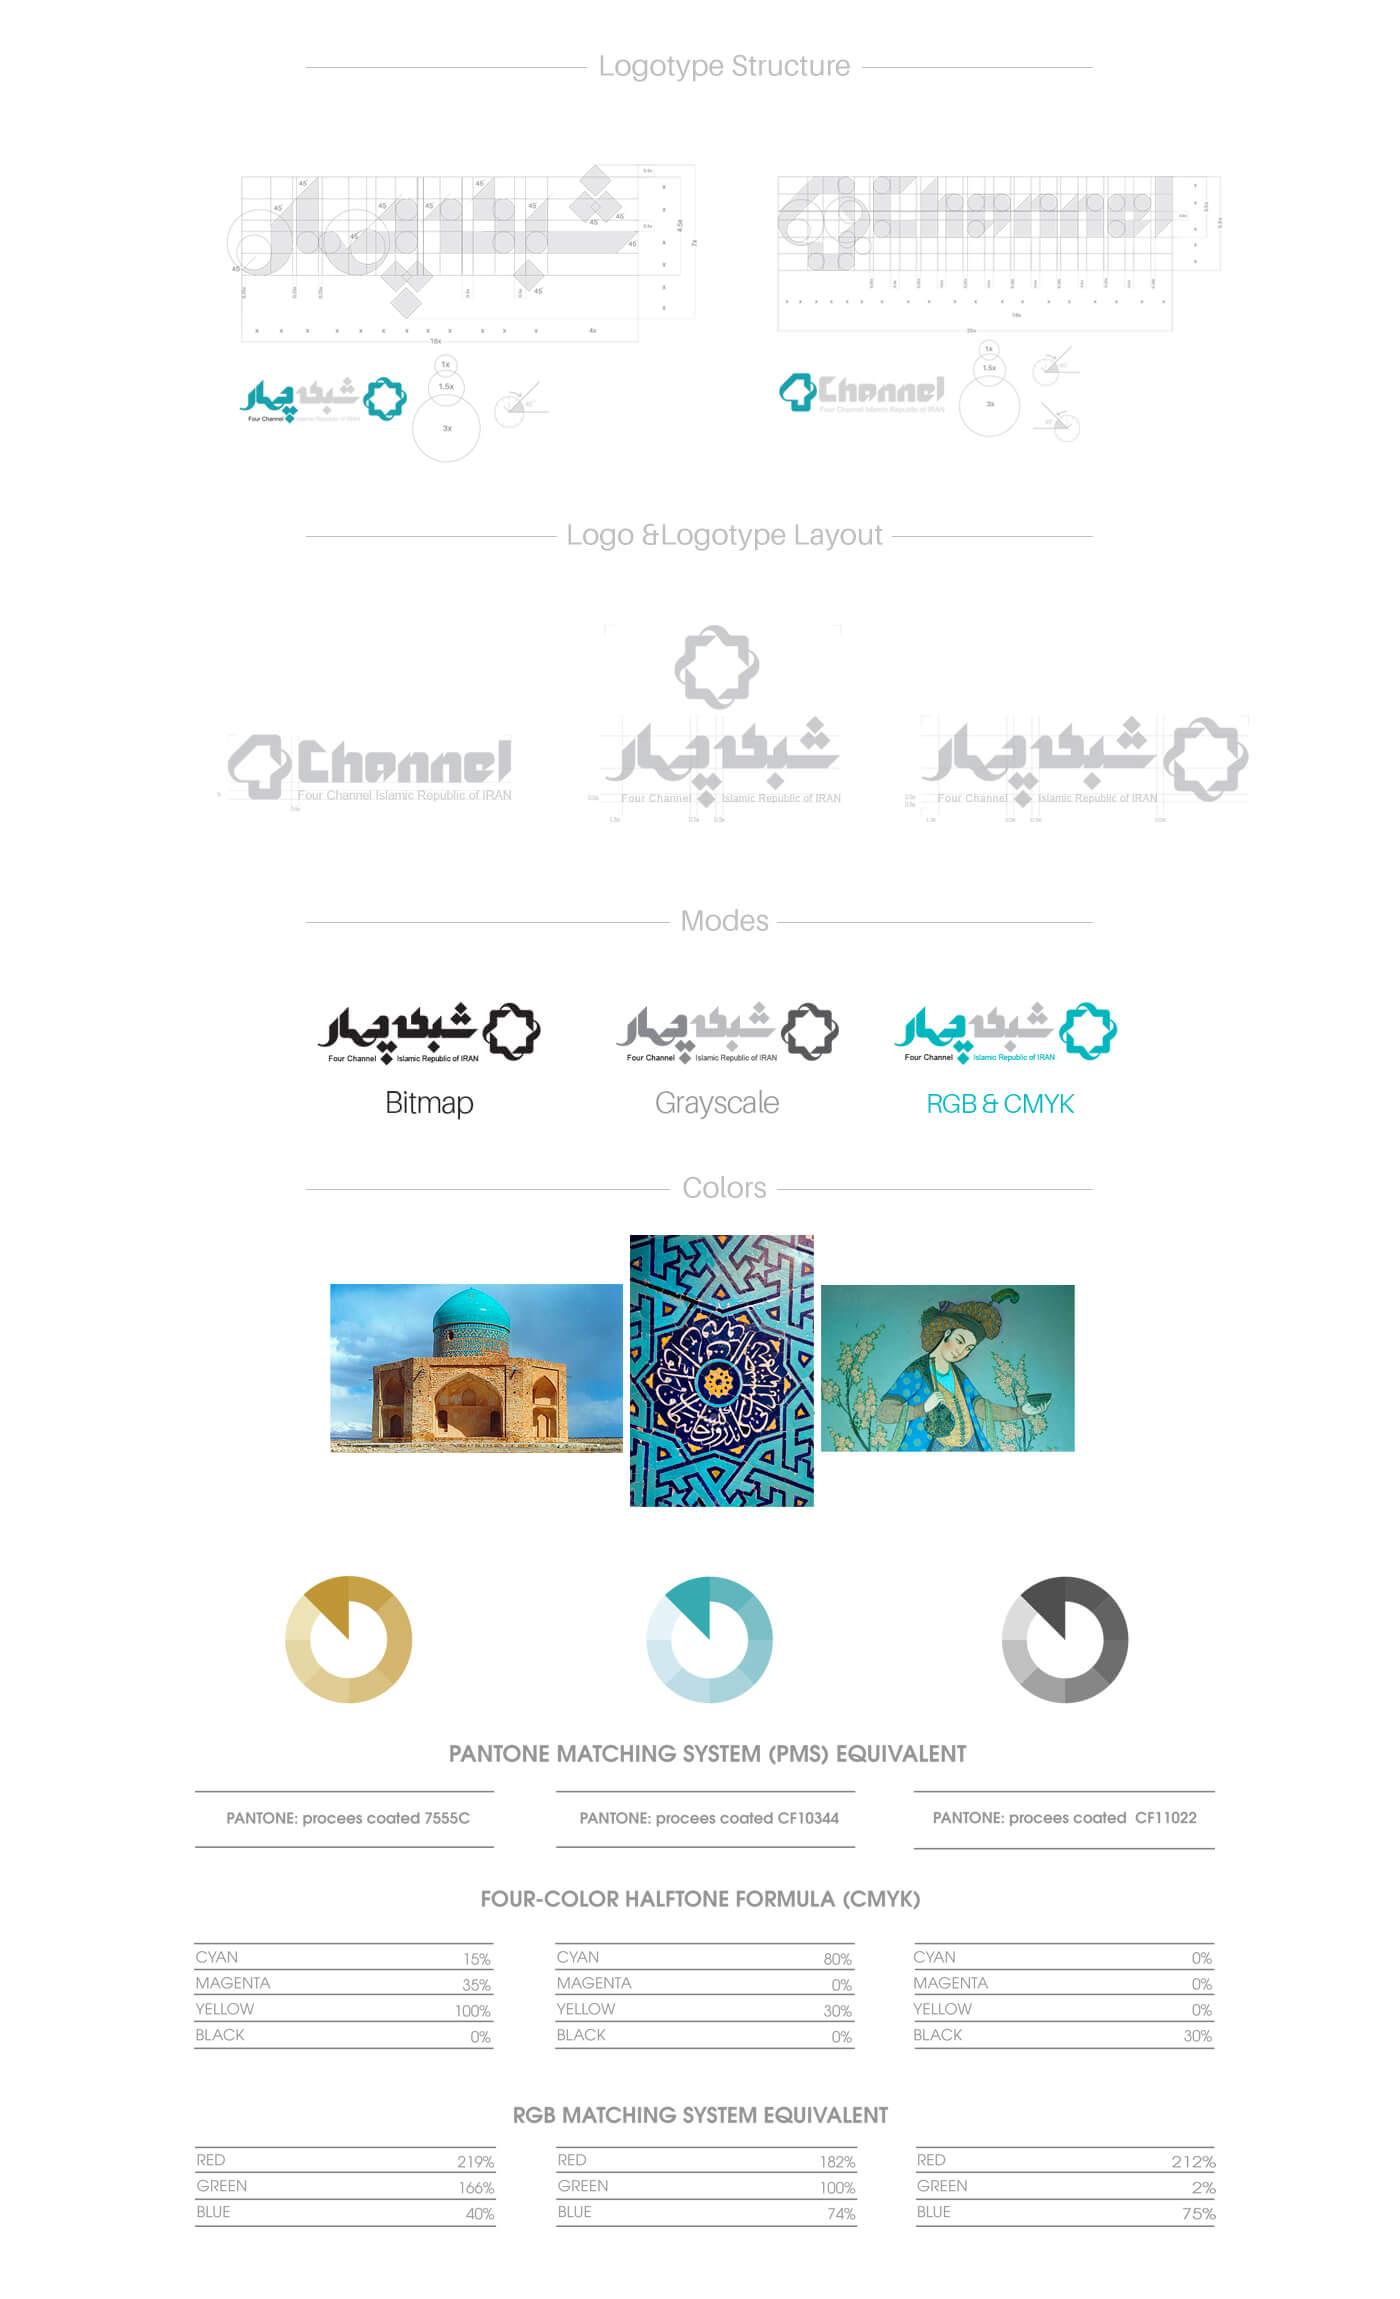 هویت بصری دو بعدی و سه بعدی شبکه چهار سیما 2، دو بعدی و سه بعدی شبکه چهار سیما، هویت بصری، طراحی هویت بصری، شرکت تبلیغاتی الف، طراحی لوگو، طراحی لوگوتابپ، طراحی ست اداری، طراحی اوراق اداری